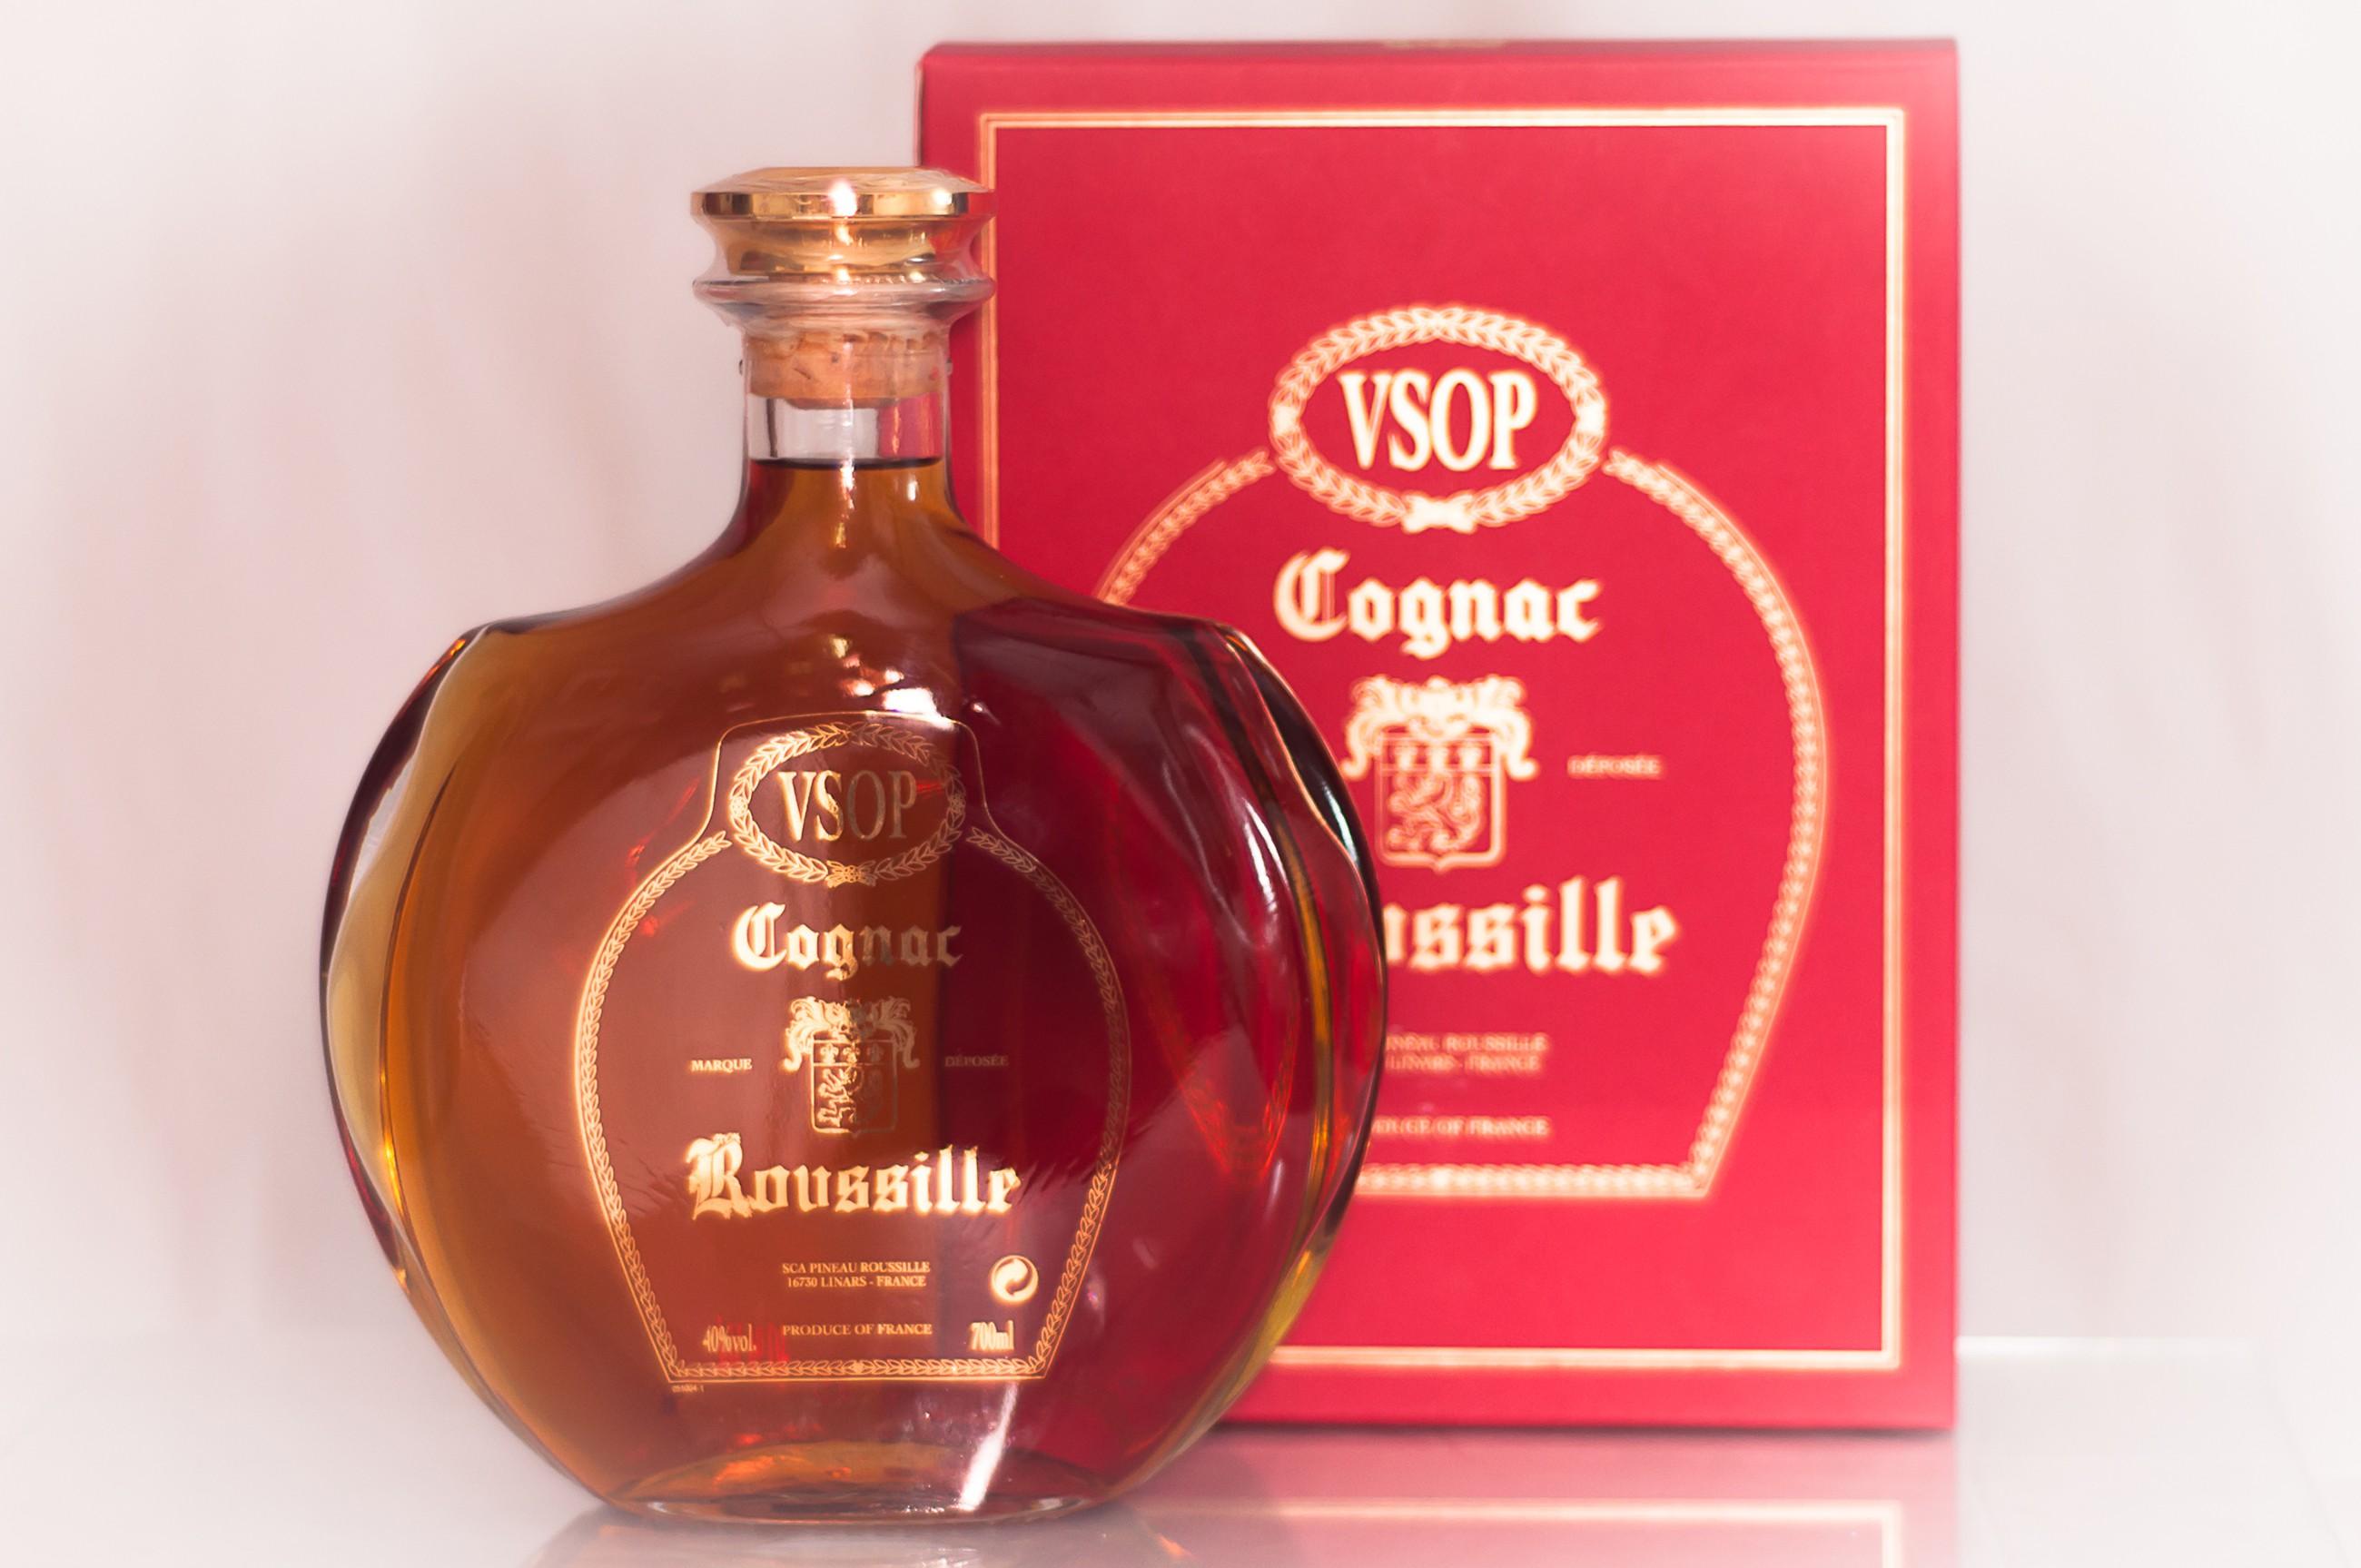 Cognac V.S.O.P Carafe Sérigraphiée 70 cl